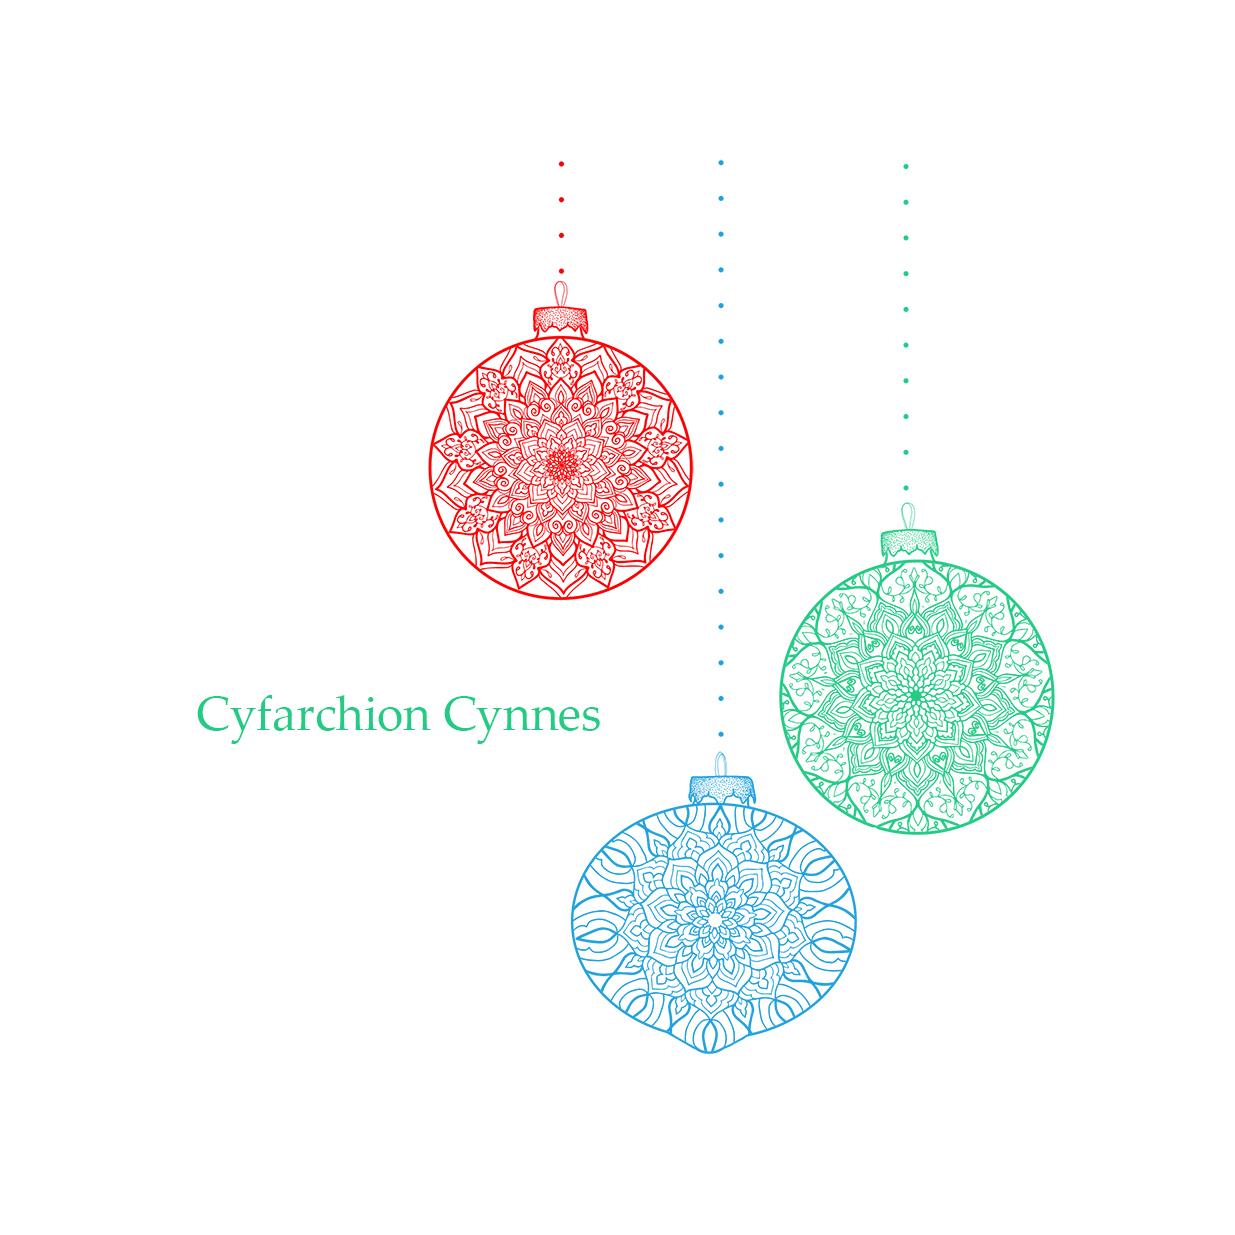 Cyfarchion Cynnes // Warm Greetings